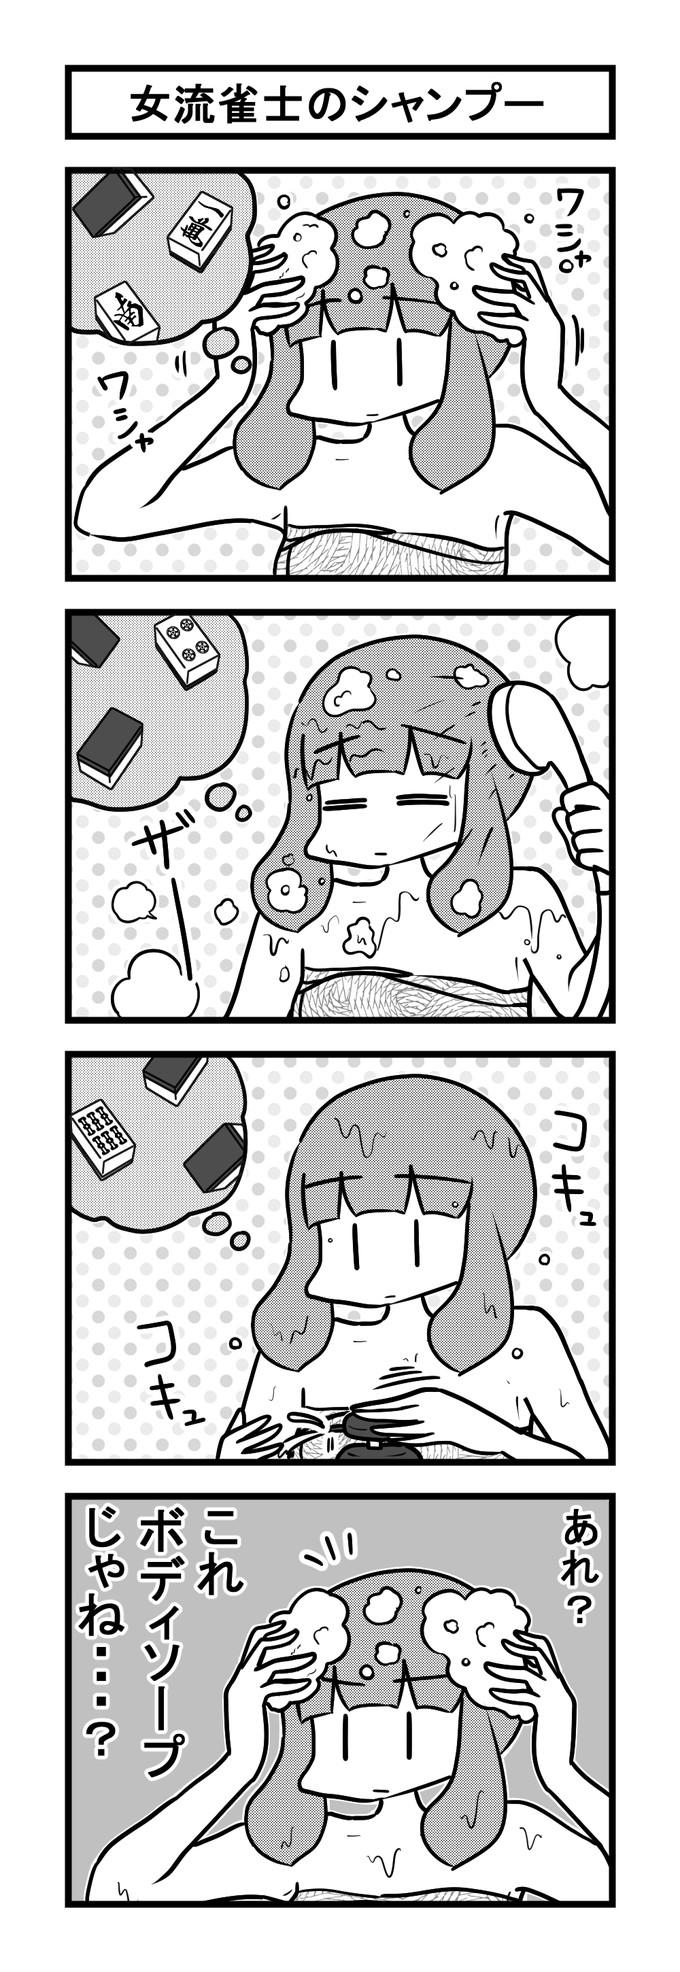 1026女流雀士のシャンプー-min